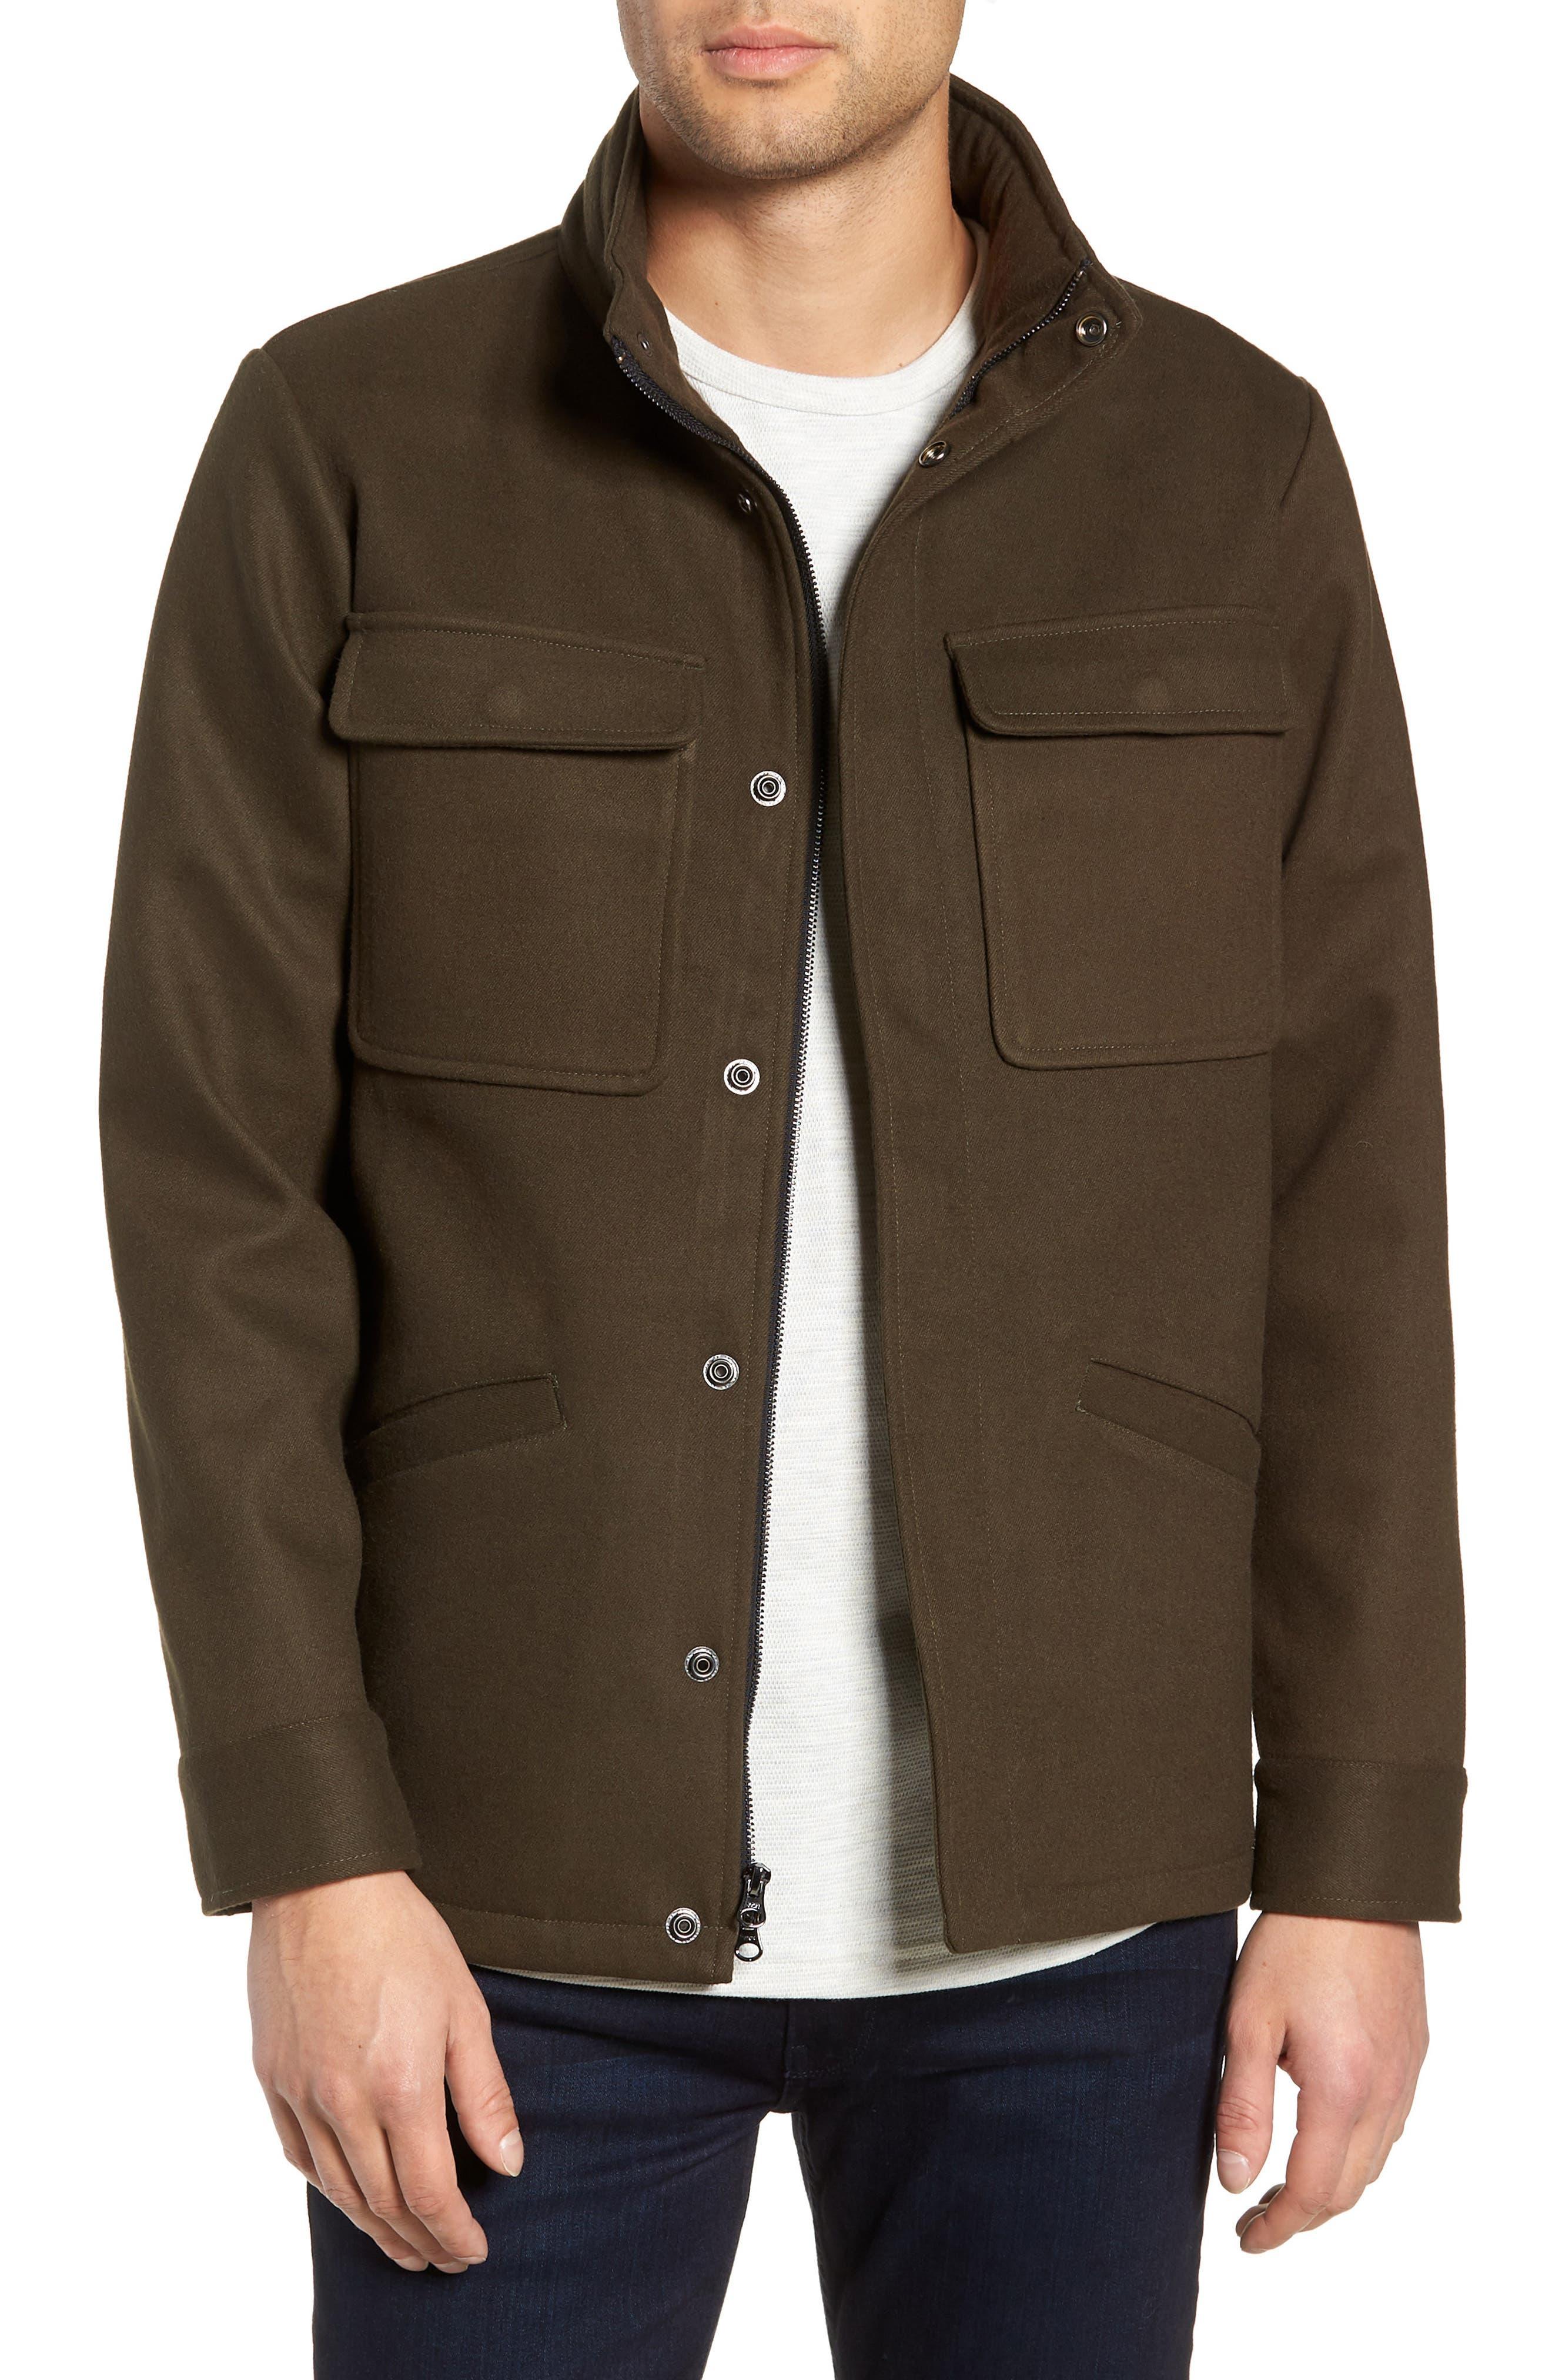 TWENTYMETRICTONS Trim Fit Utility Coat, Main, color, 300